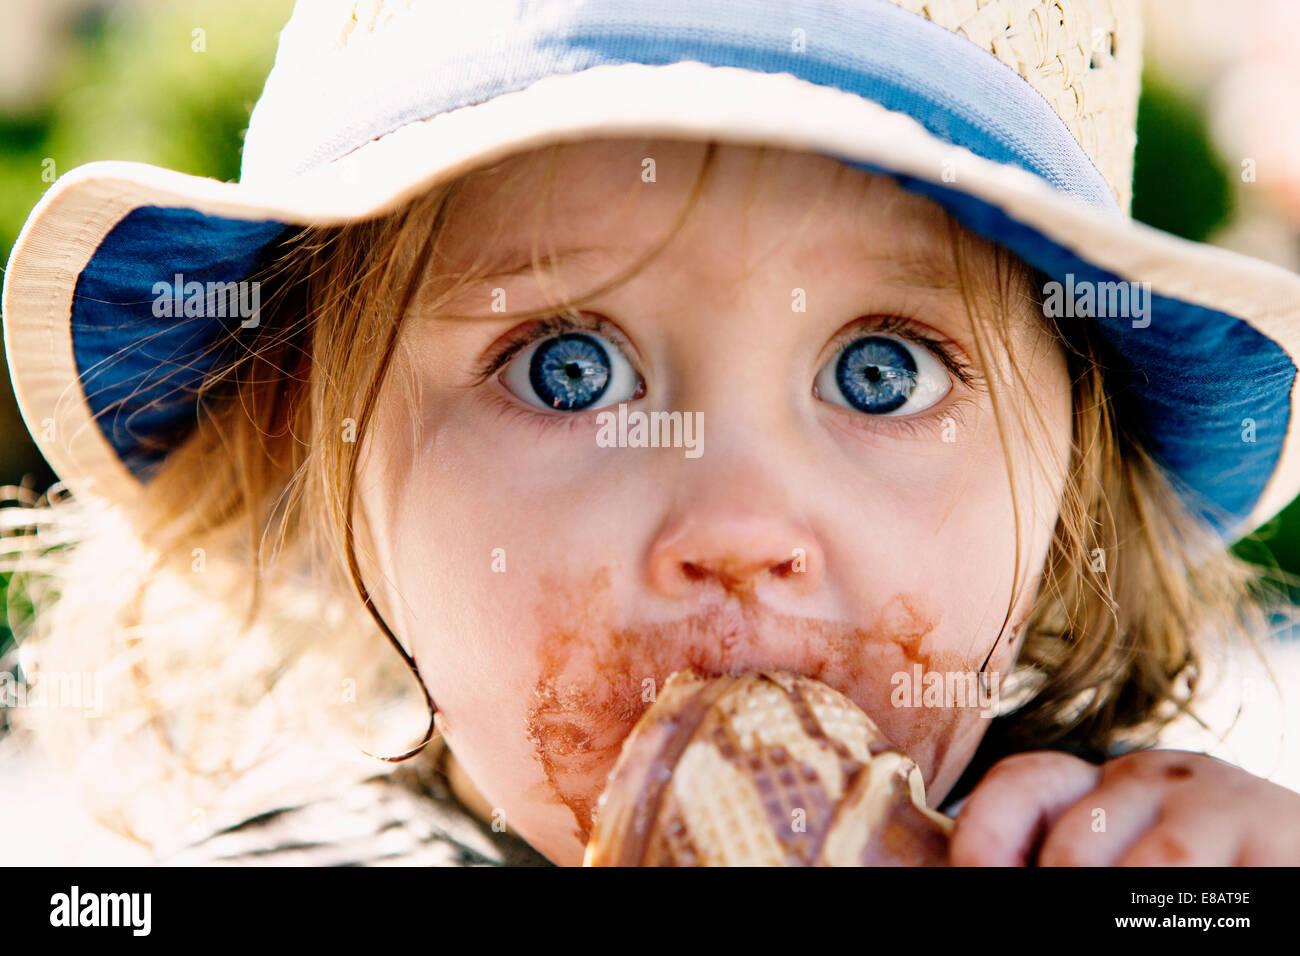 Junges Mädchen essen Eiscreme-Kegel Stockfoto